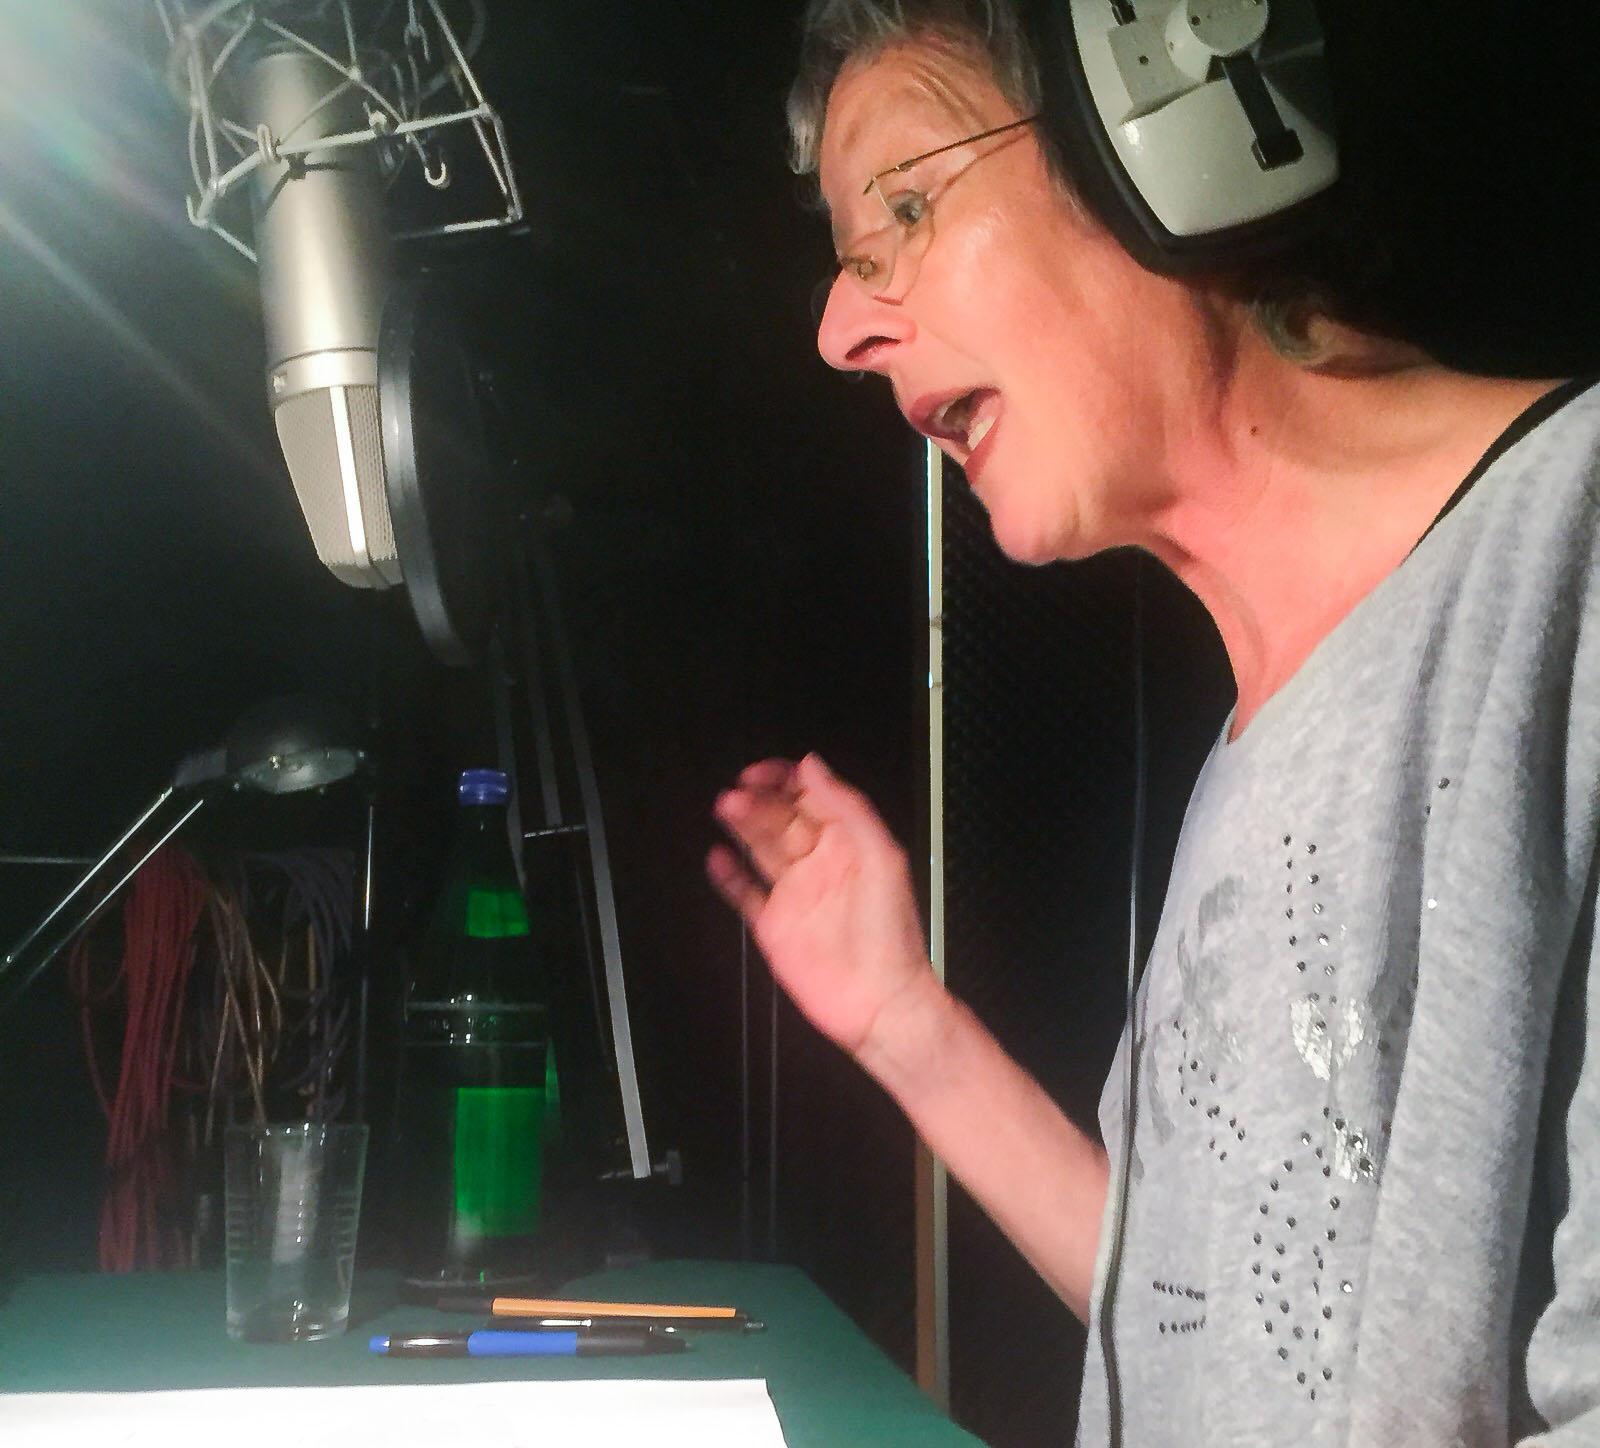 Foto: Bettina Koch während einer Sprachaufnahme